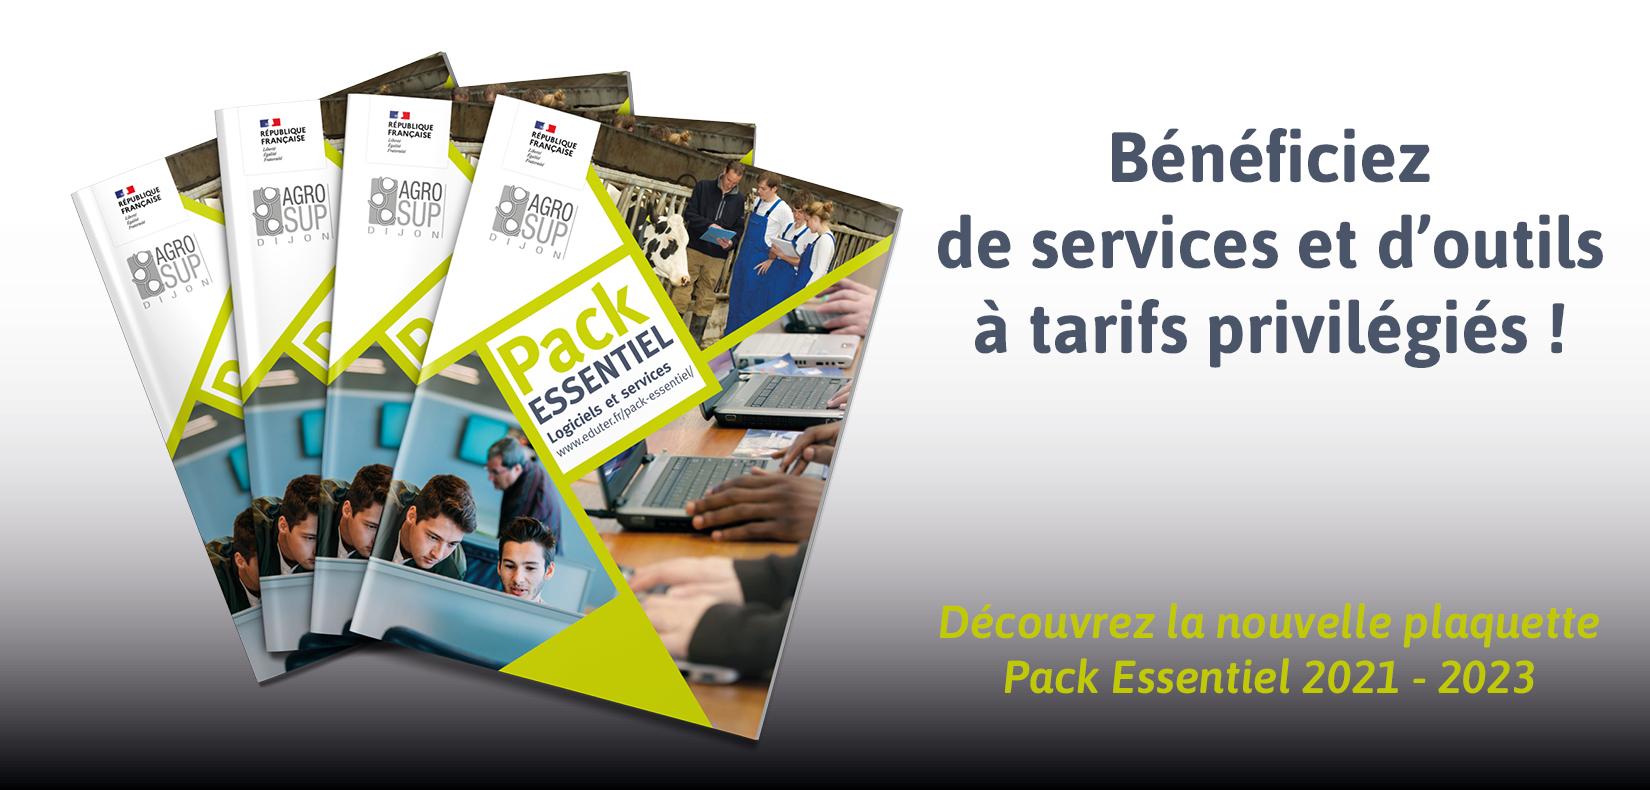 Pack Essentiel 2021 – 2023